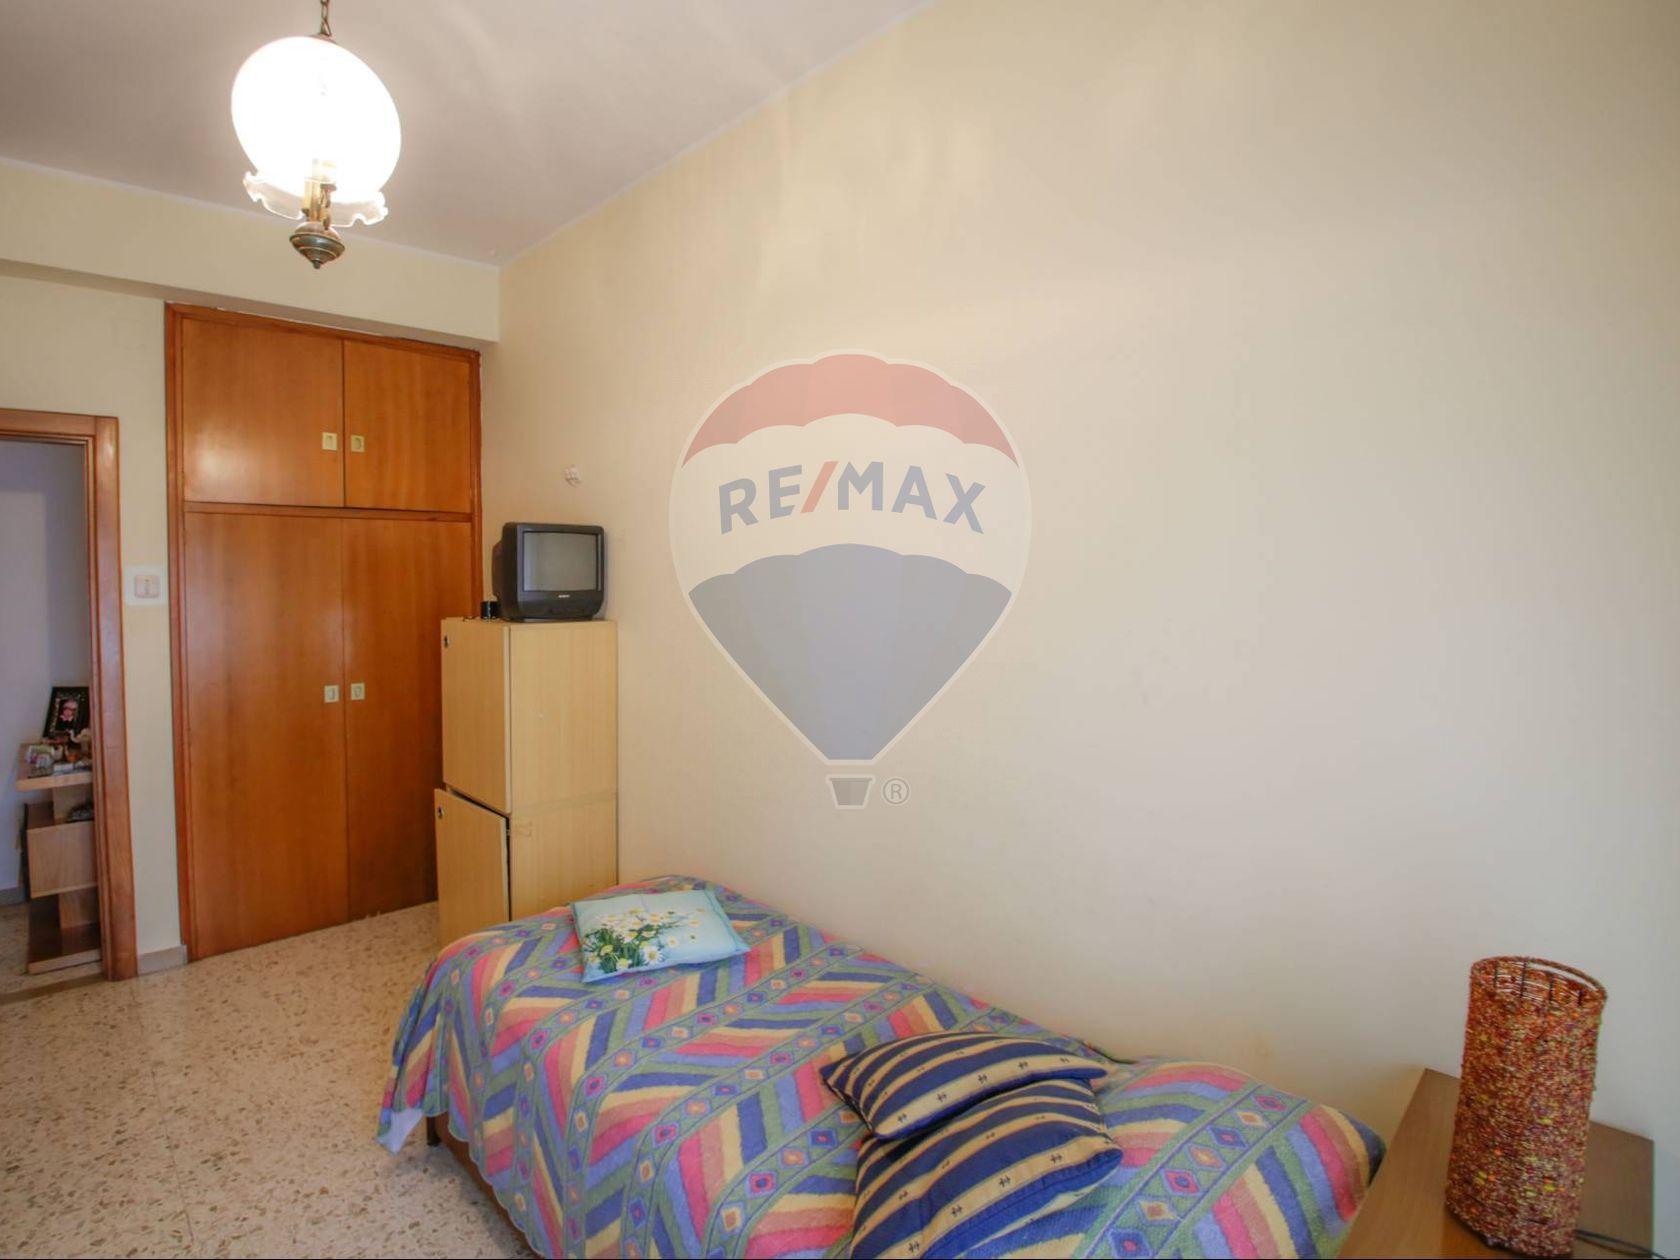 Appartamento Stazione, Chieti, CH Vendita - Foto 19